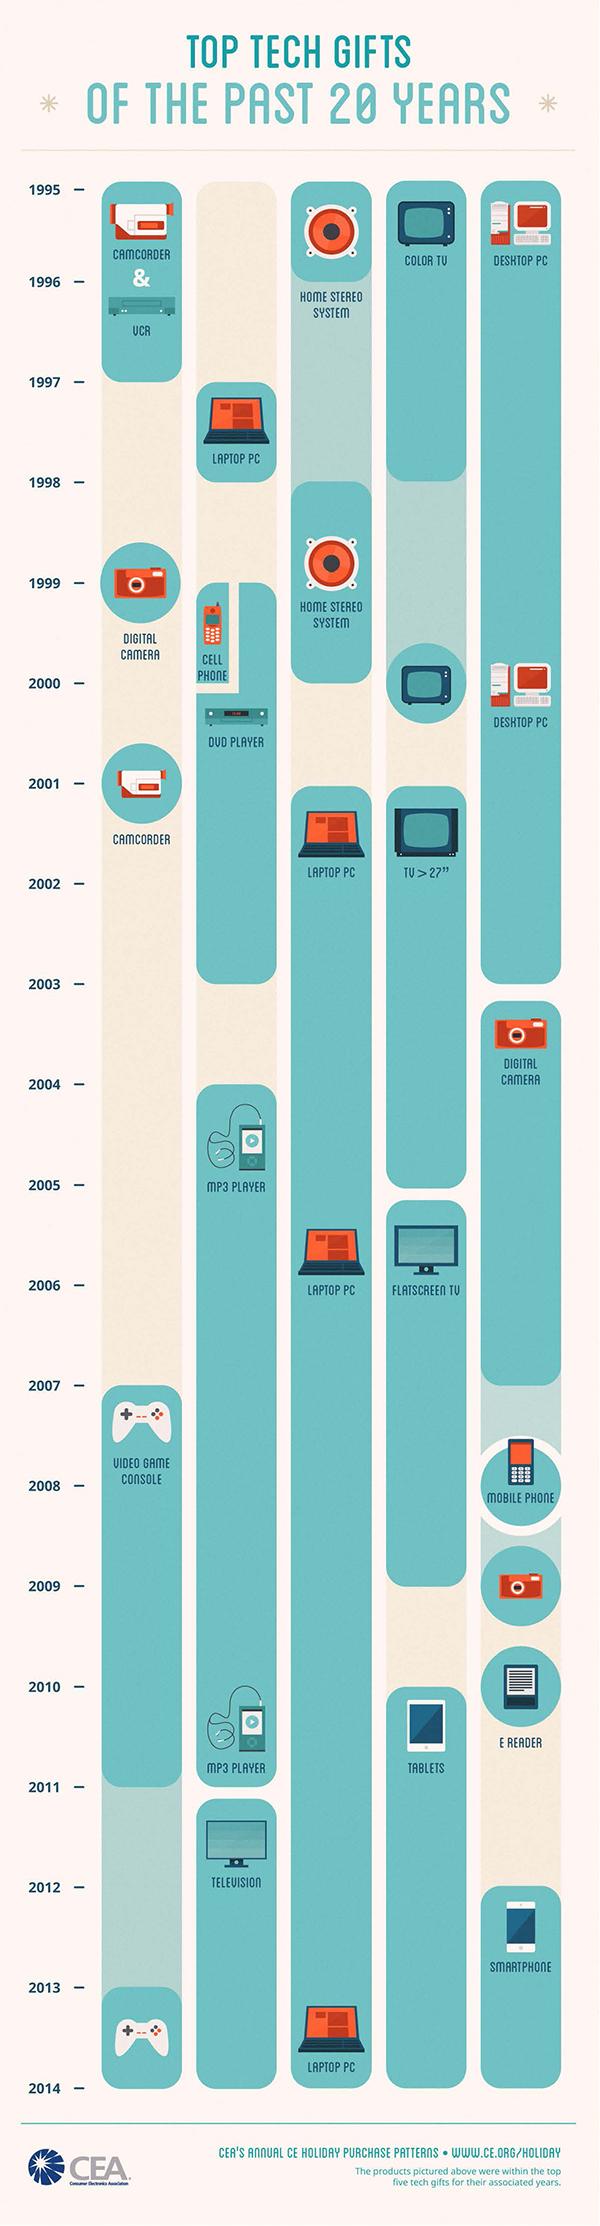 Infografica: i 5 regali tecnologici più ricercati degli ultimi 20 anni